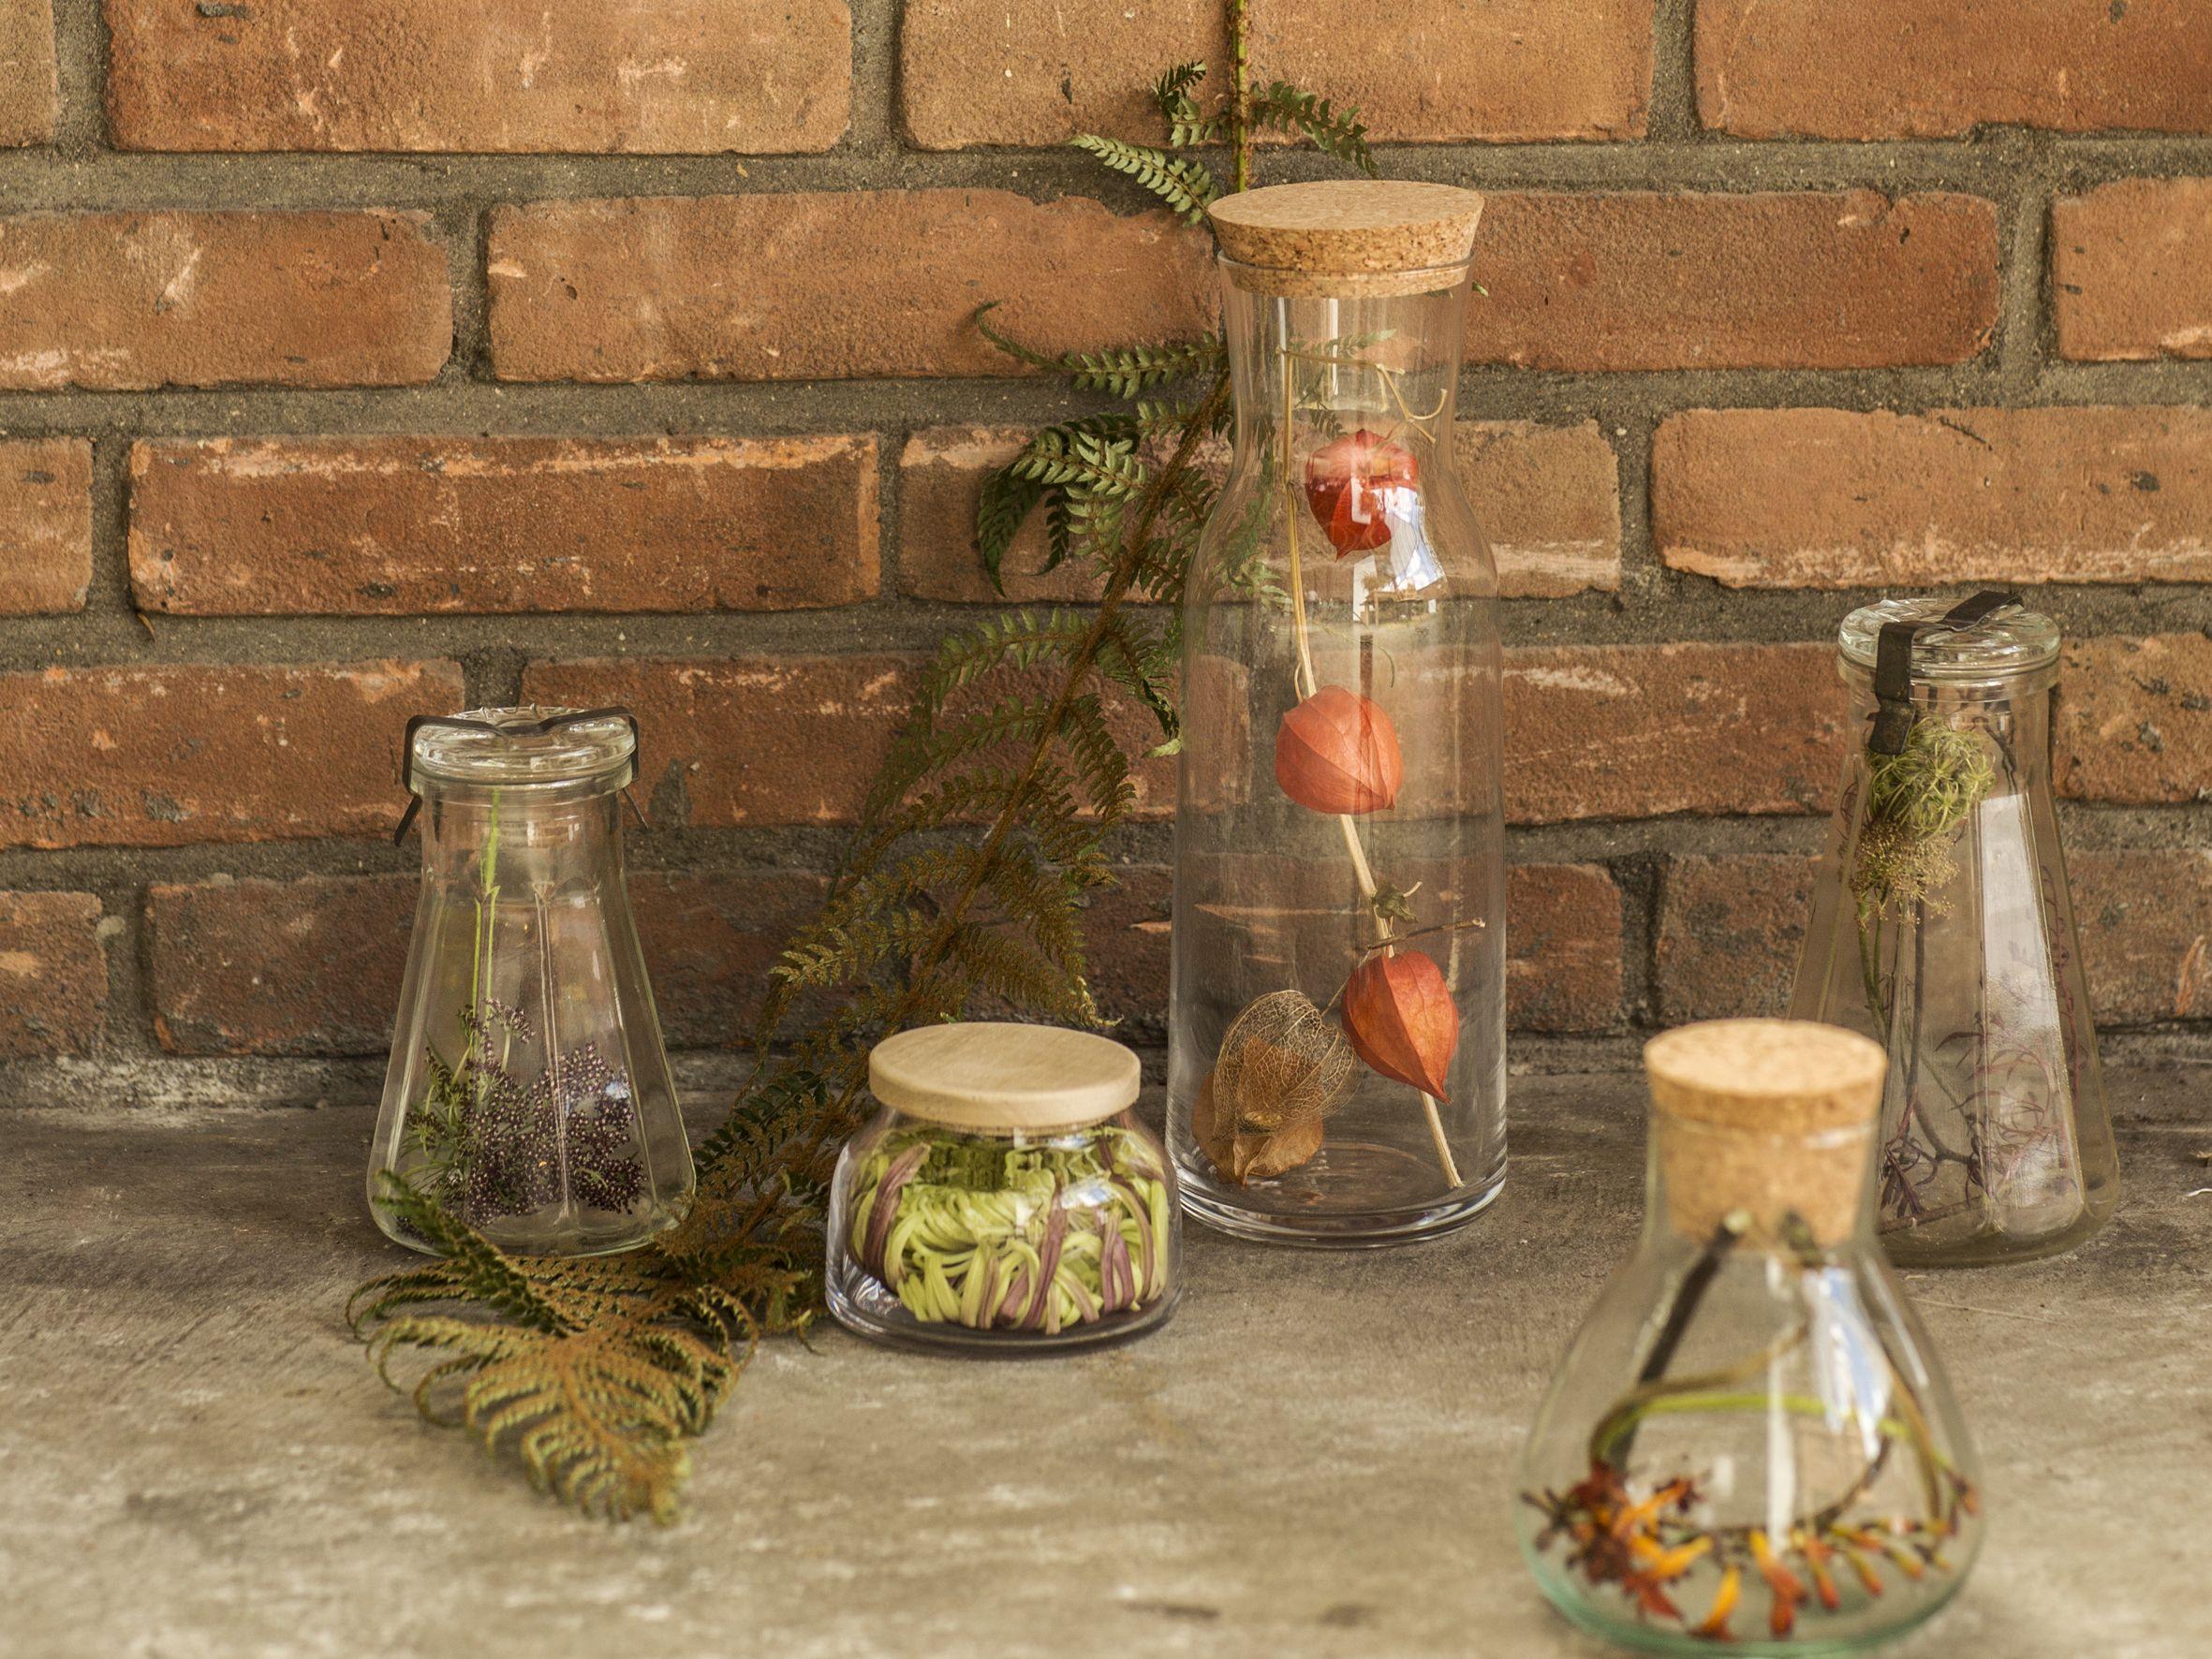 Idée déco : des fleurs en pot !  #decoration #flowers #inspiration #tendance